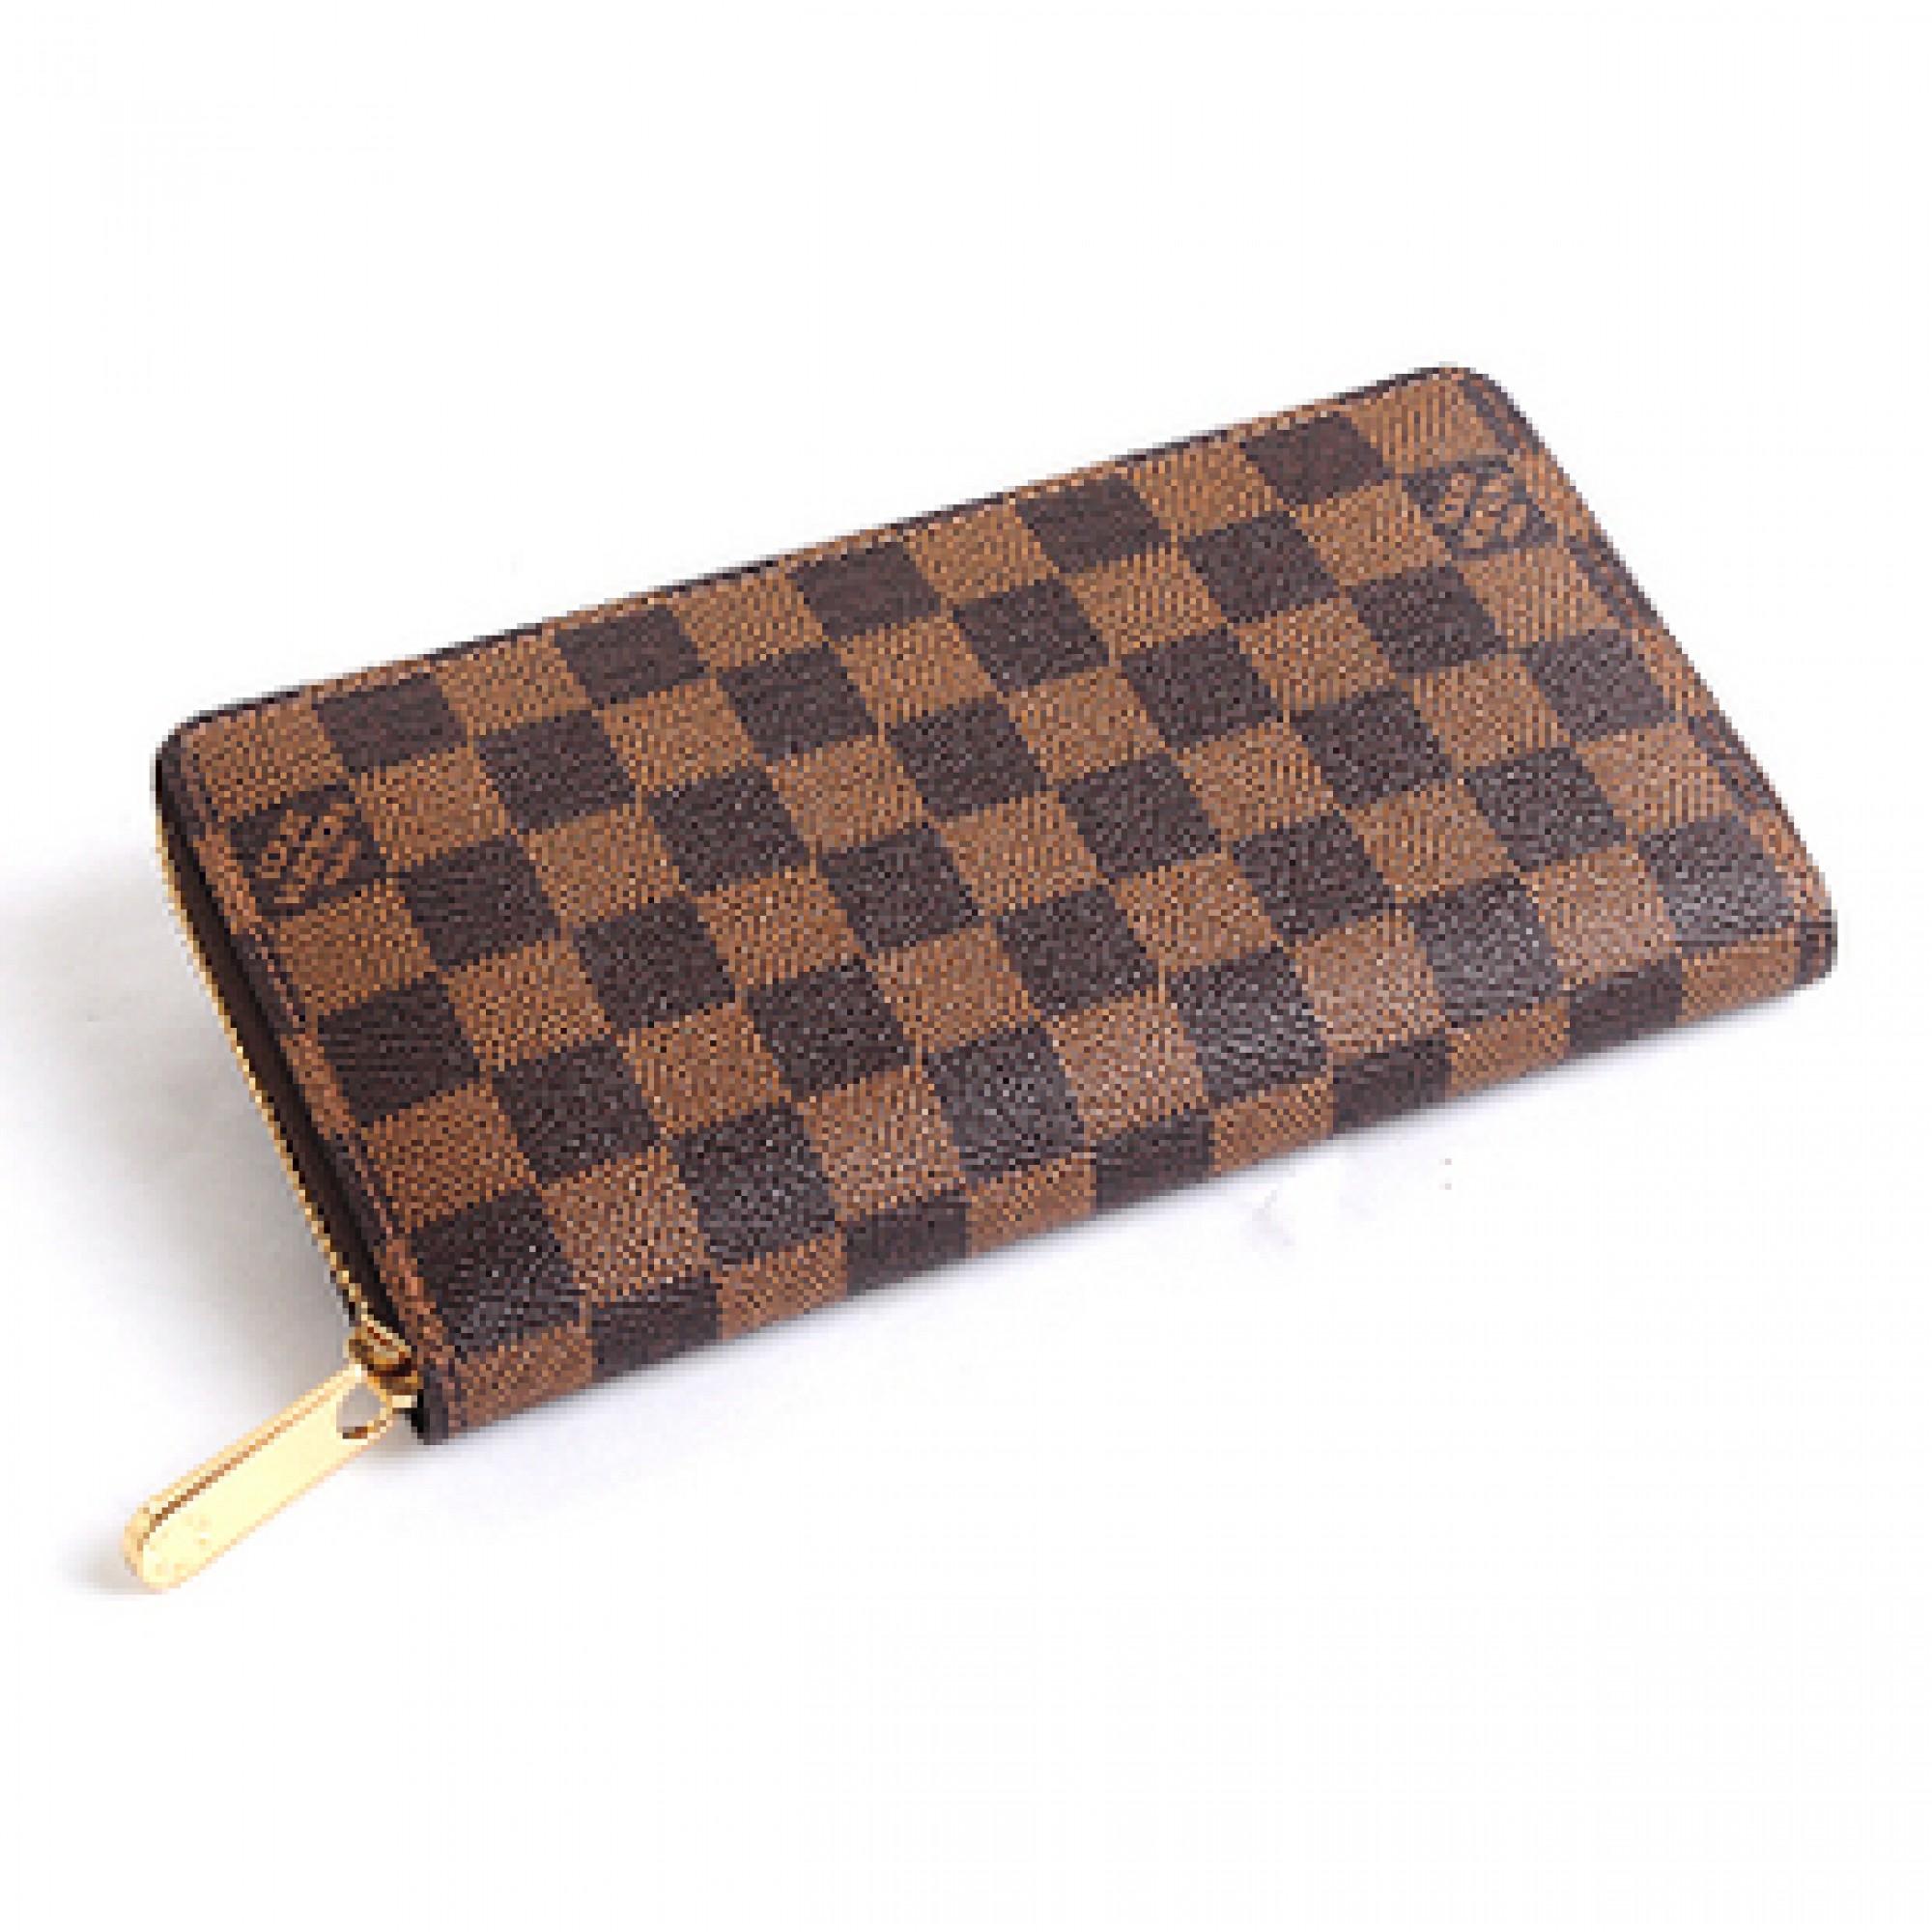 3fda90656e59 Купить кошелек мужской от Louis Vuitton — в Киеве, код товара 5666